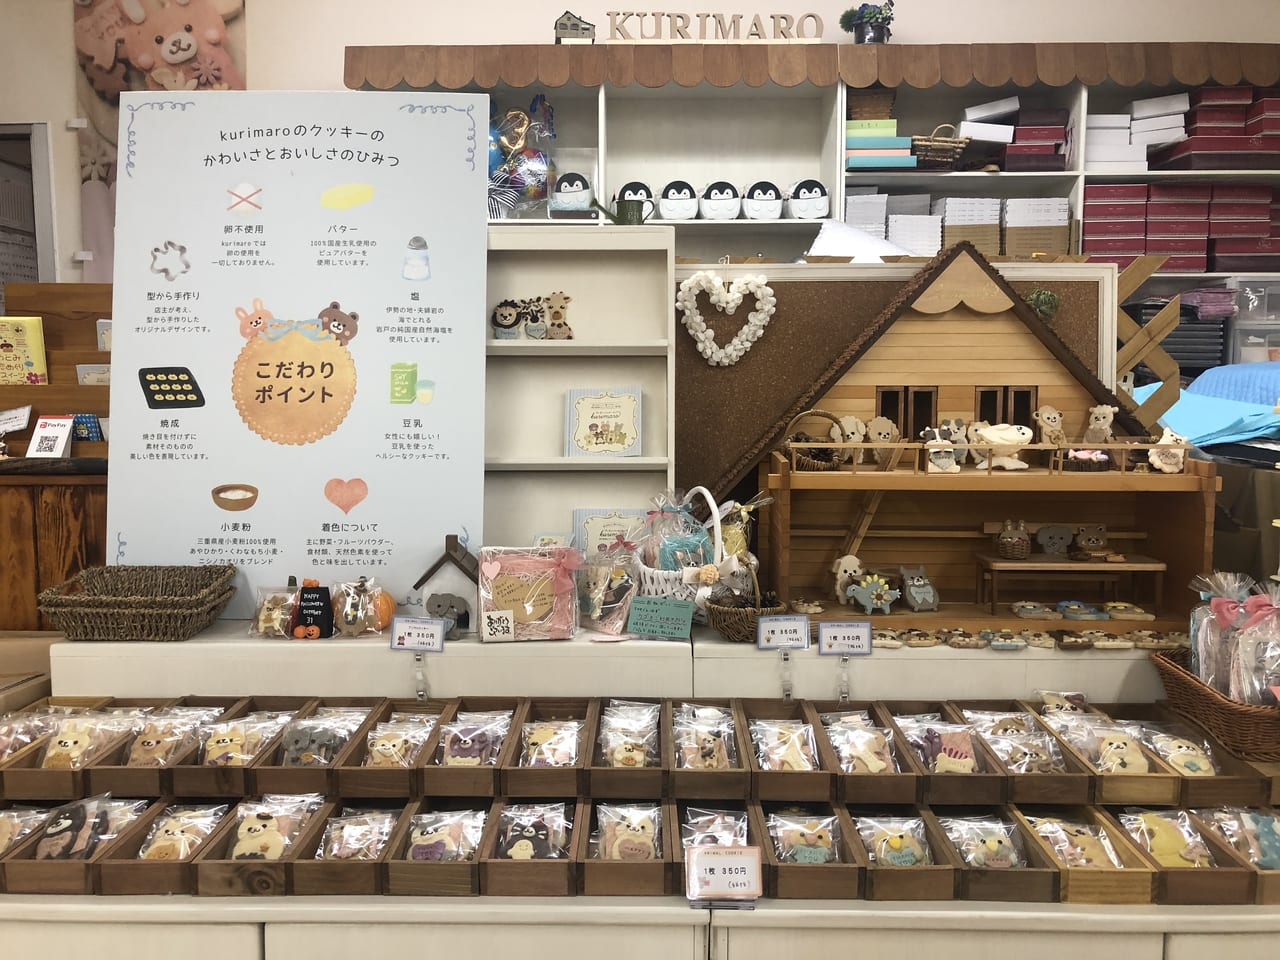 アニマルクッキーのお店kurimaro